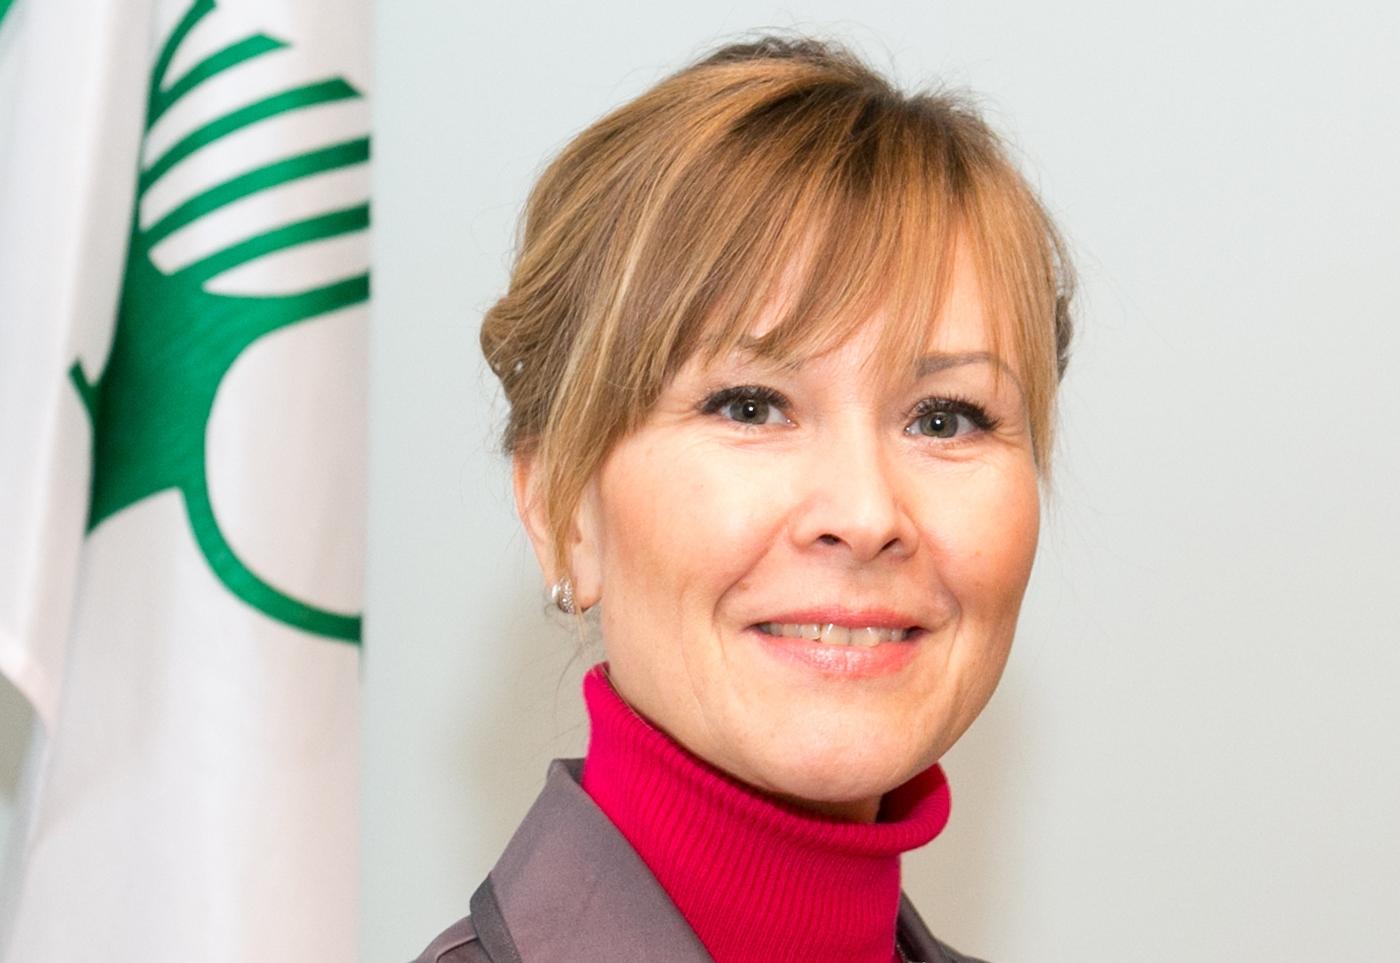 Täna toimuma pidanud Keskerakonna Saaremaa piirkonna juhi valimine kukkus läbi, kuna aastakoosolekule ei tulnud kvoorumi jagu liikmeid. Uus katse toimub 19.märtsil